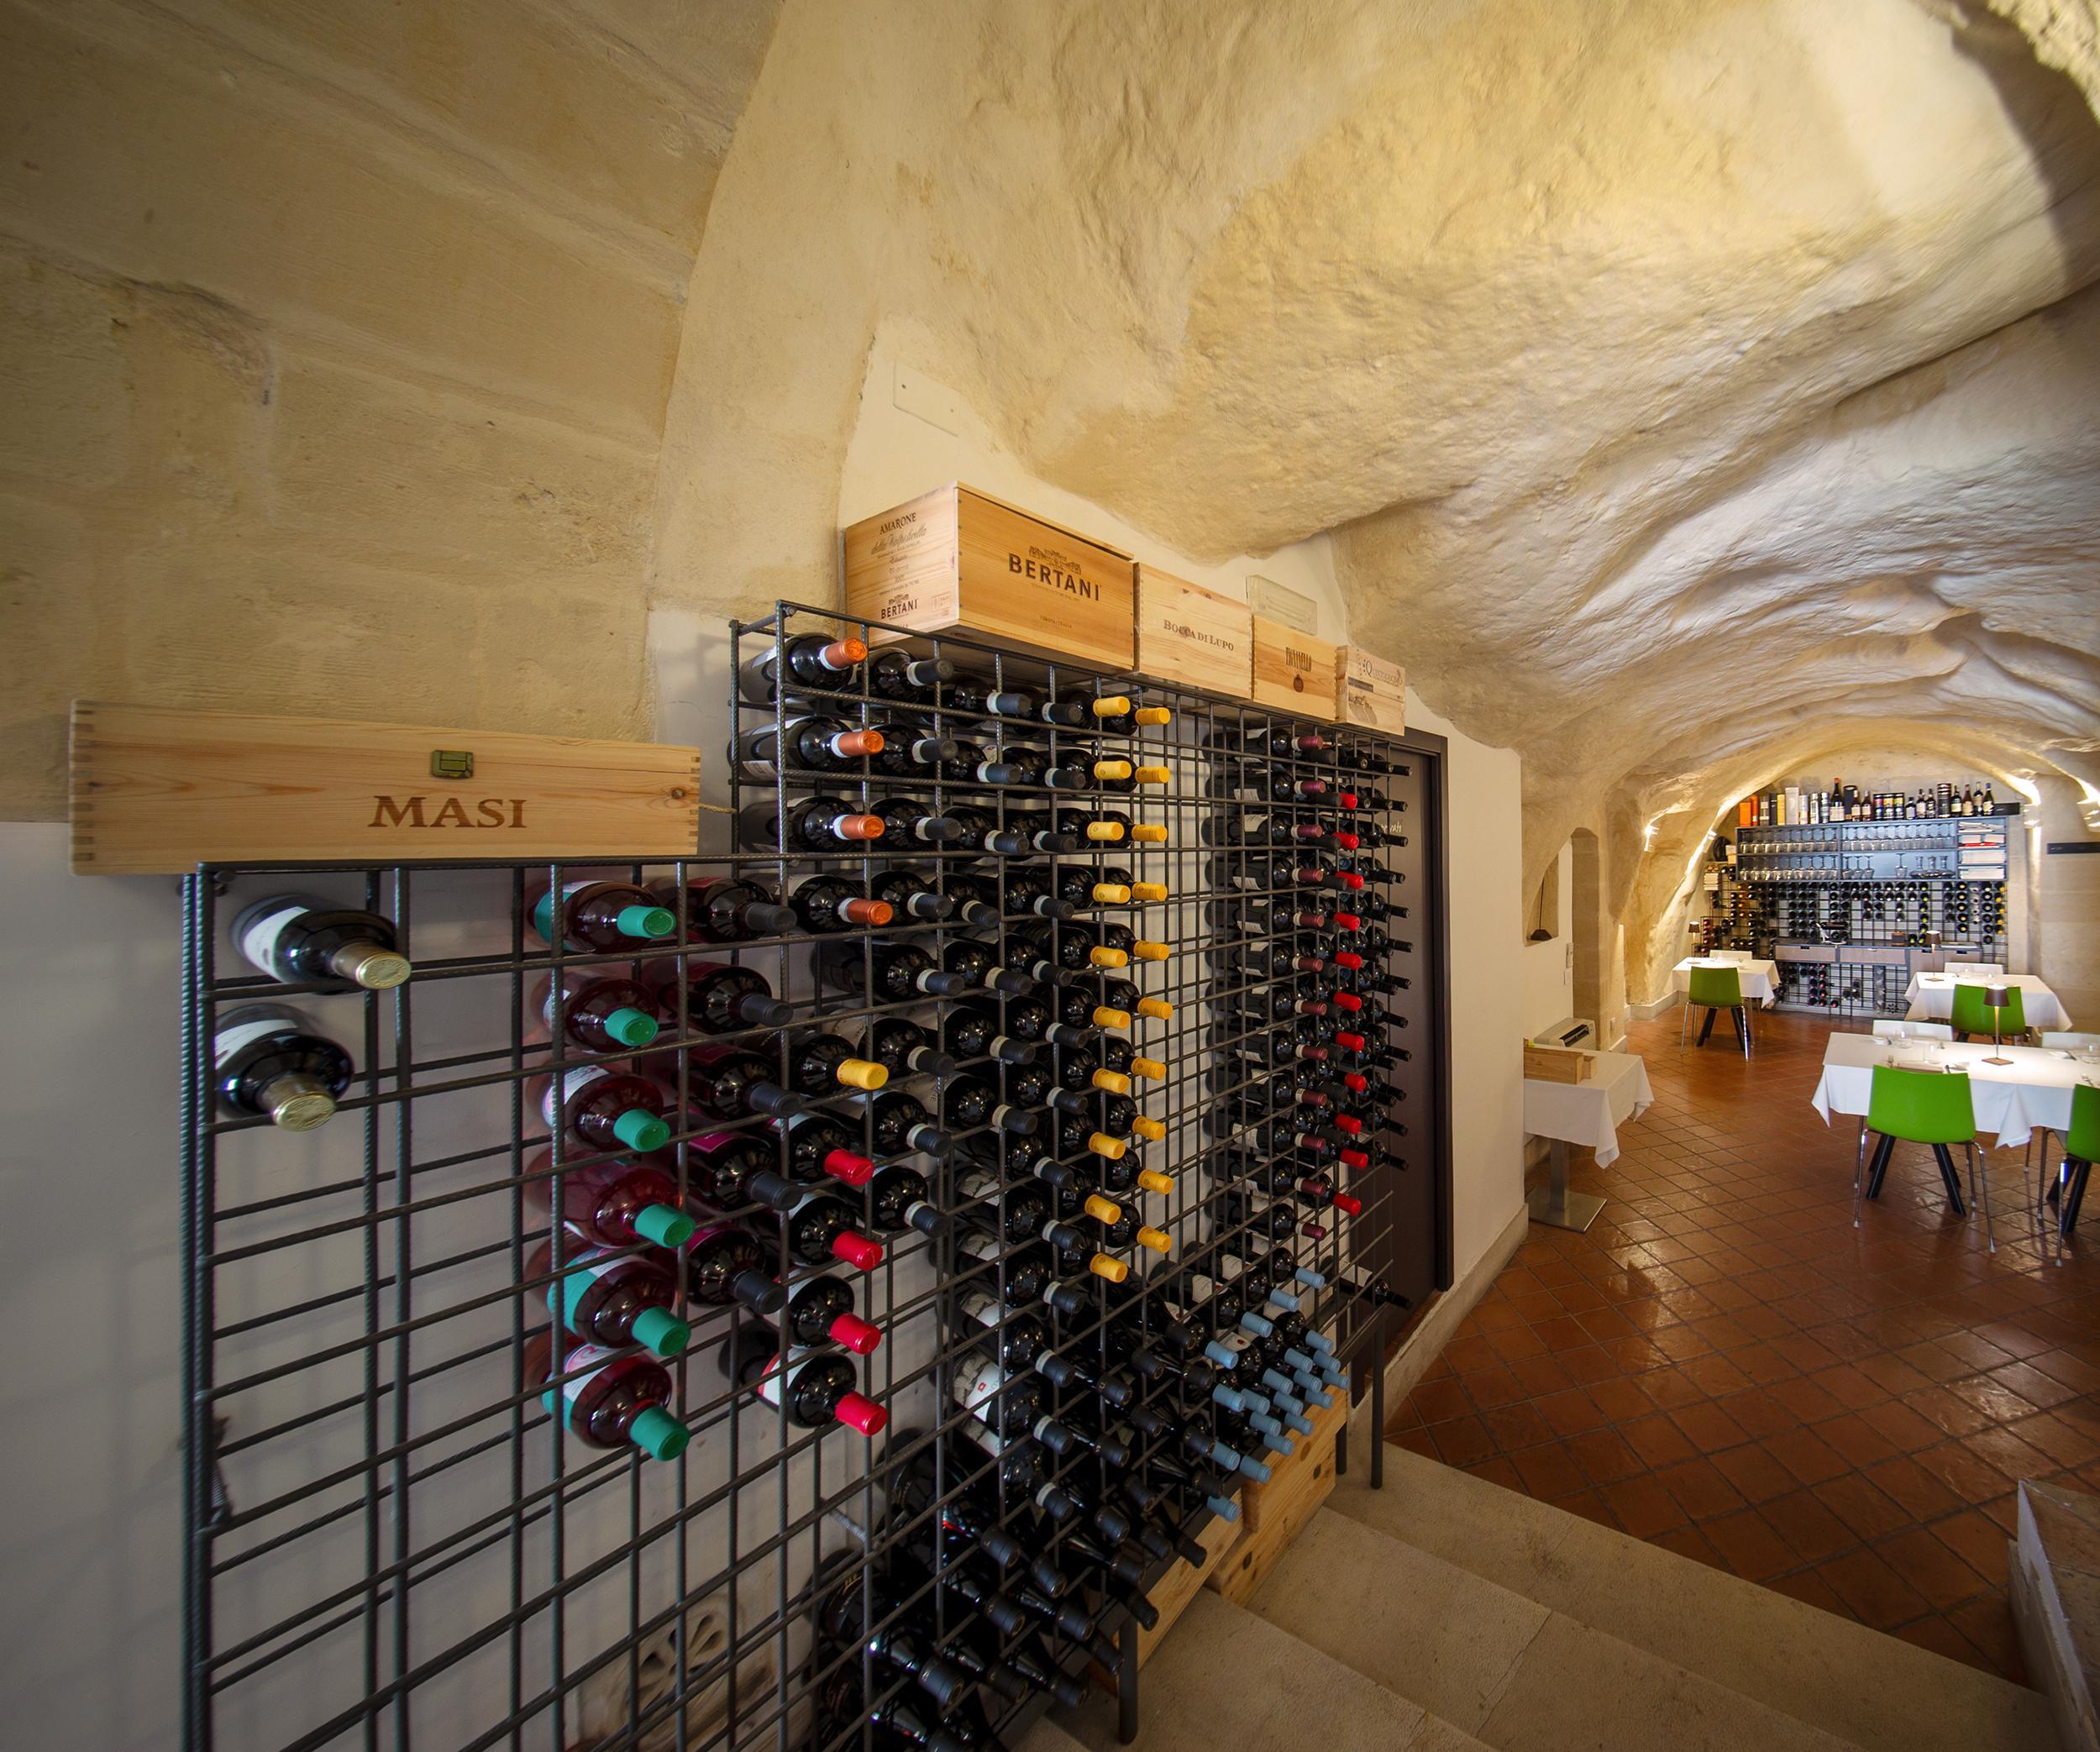 I nostri vini - Lagattabuia - Matera